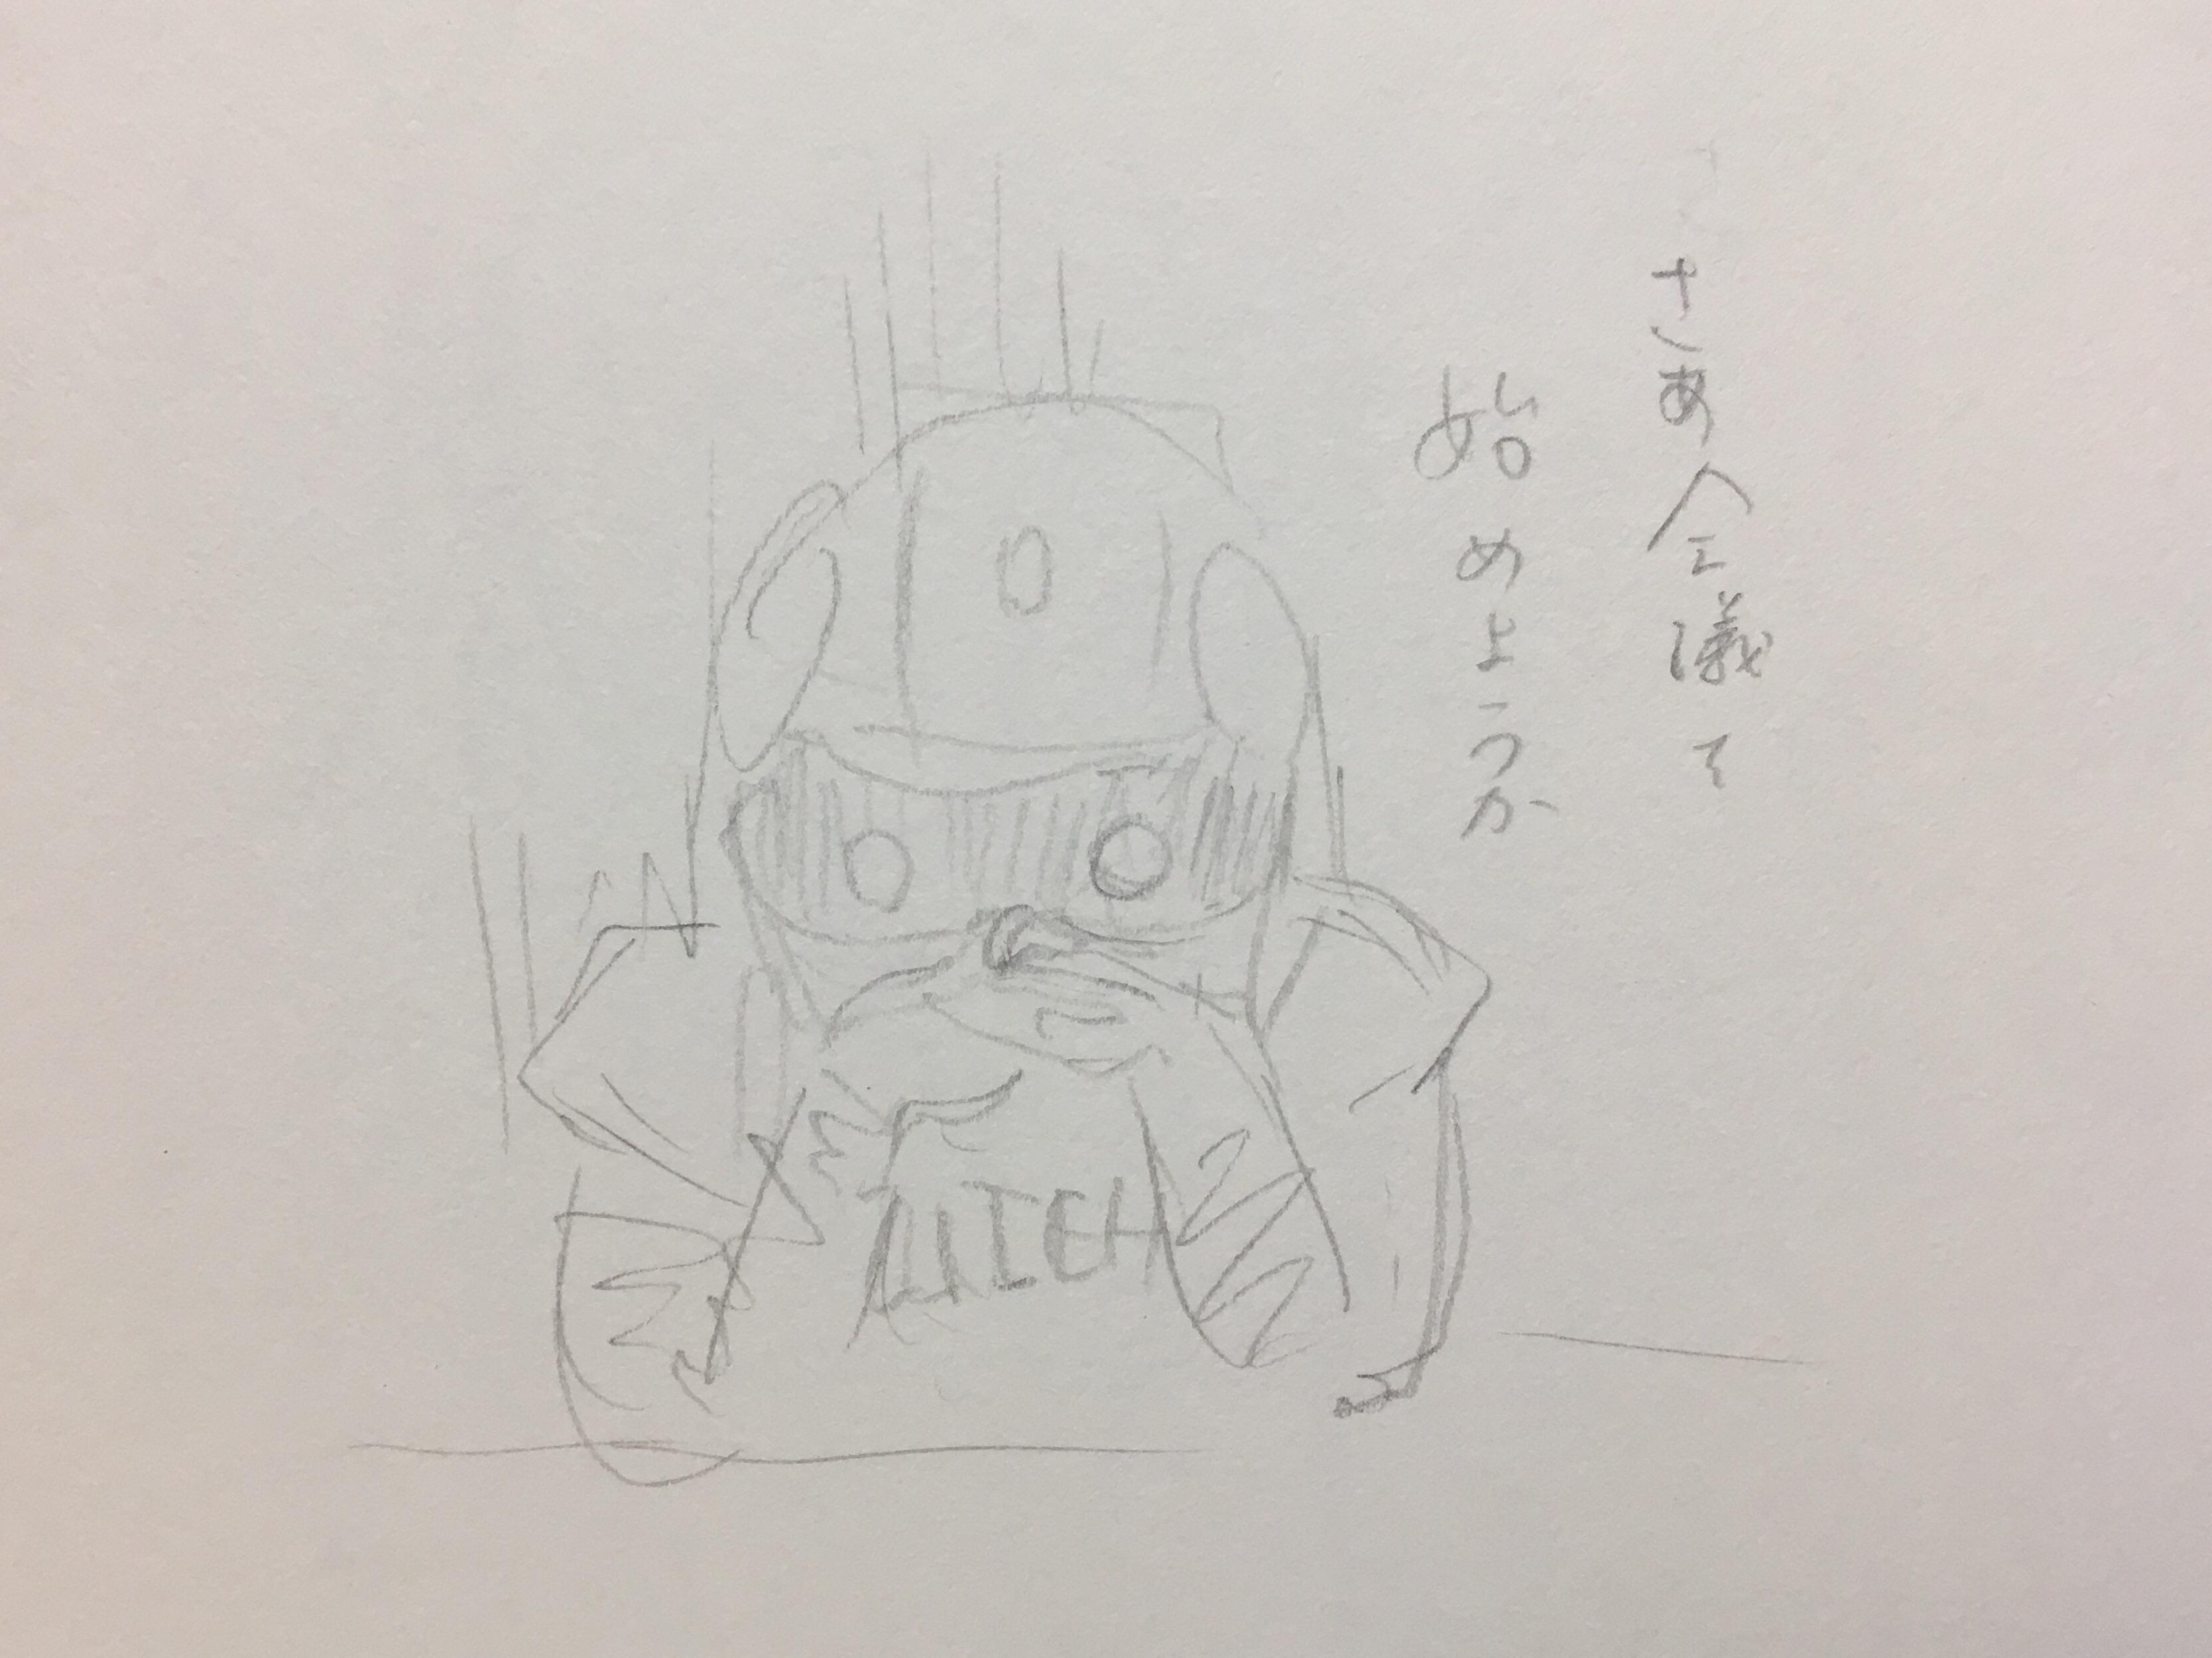 f:id:kaminashiko:20180625002139j:plain